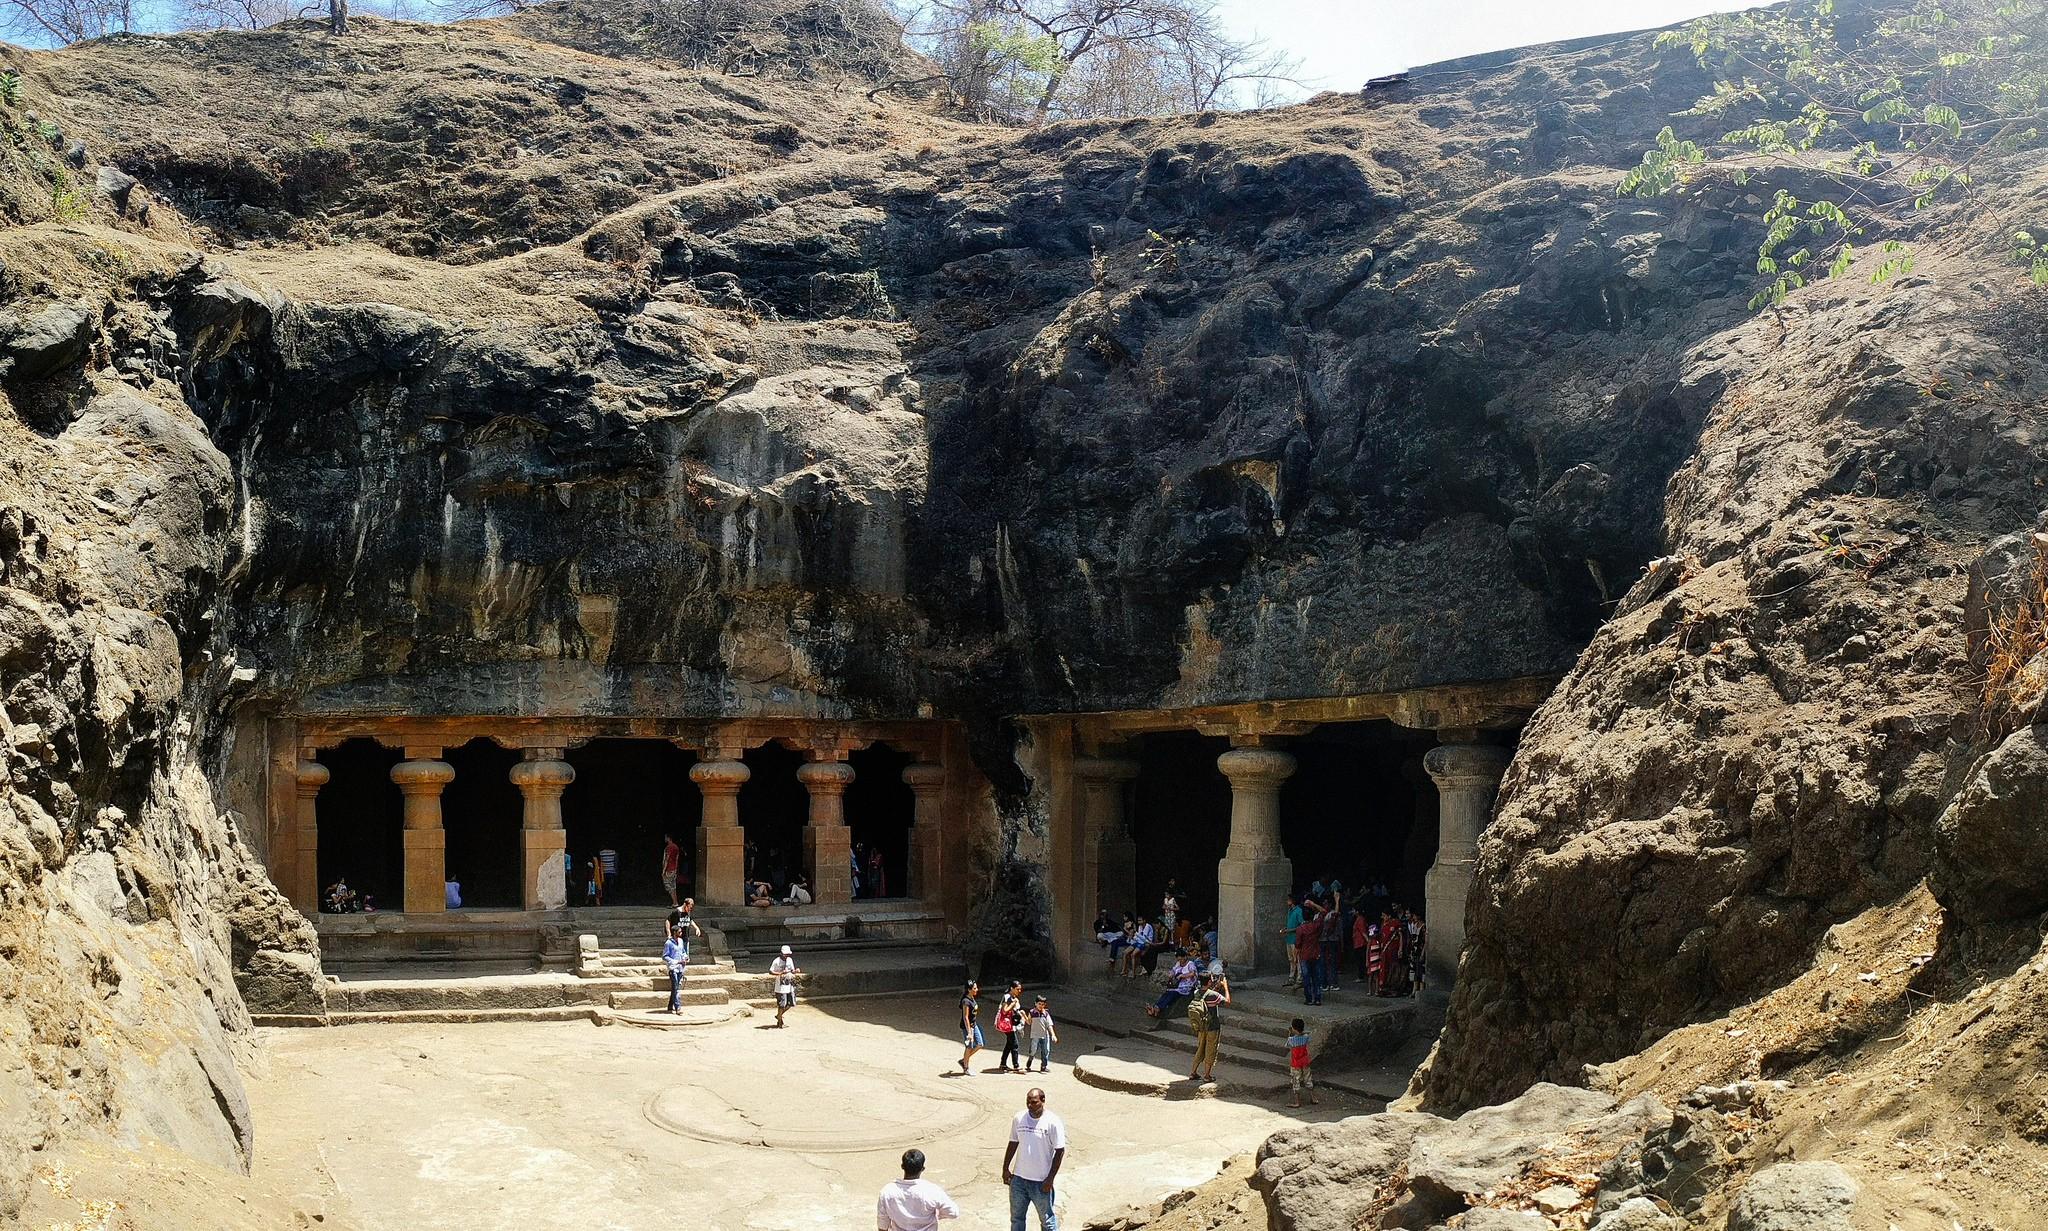 A Brief History of The Elephanta Caves in Mumbai, India